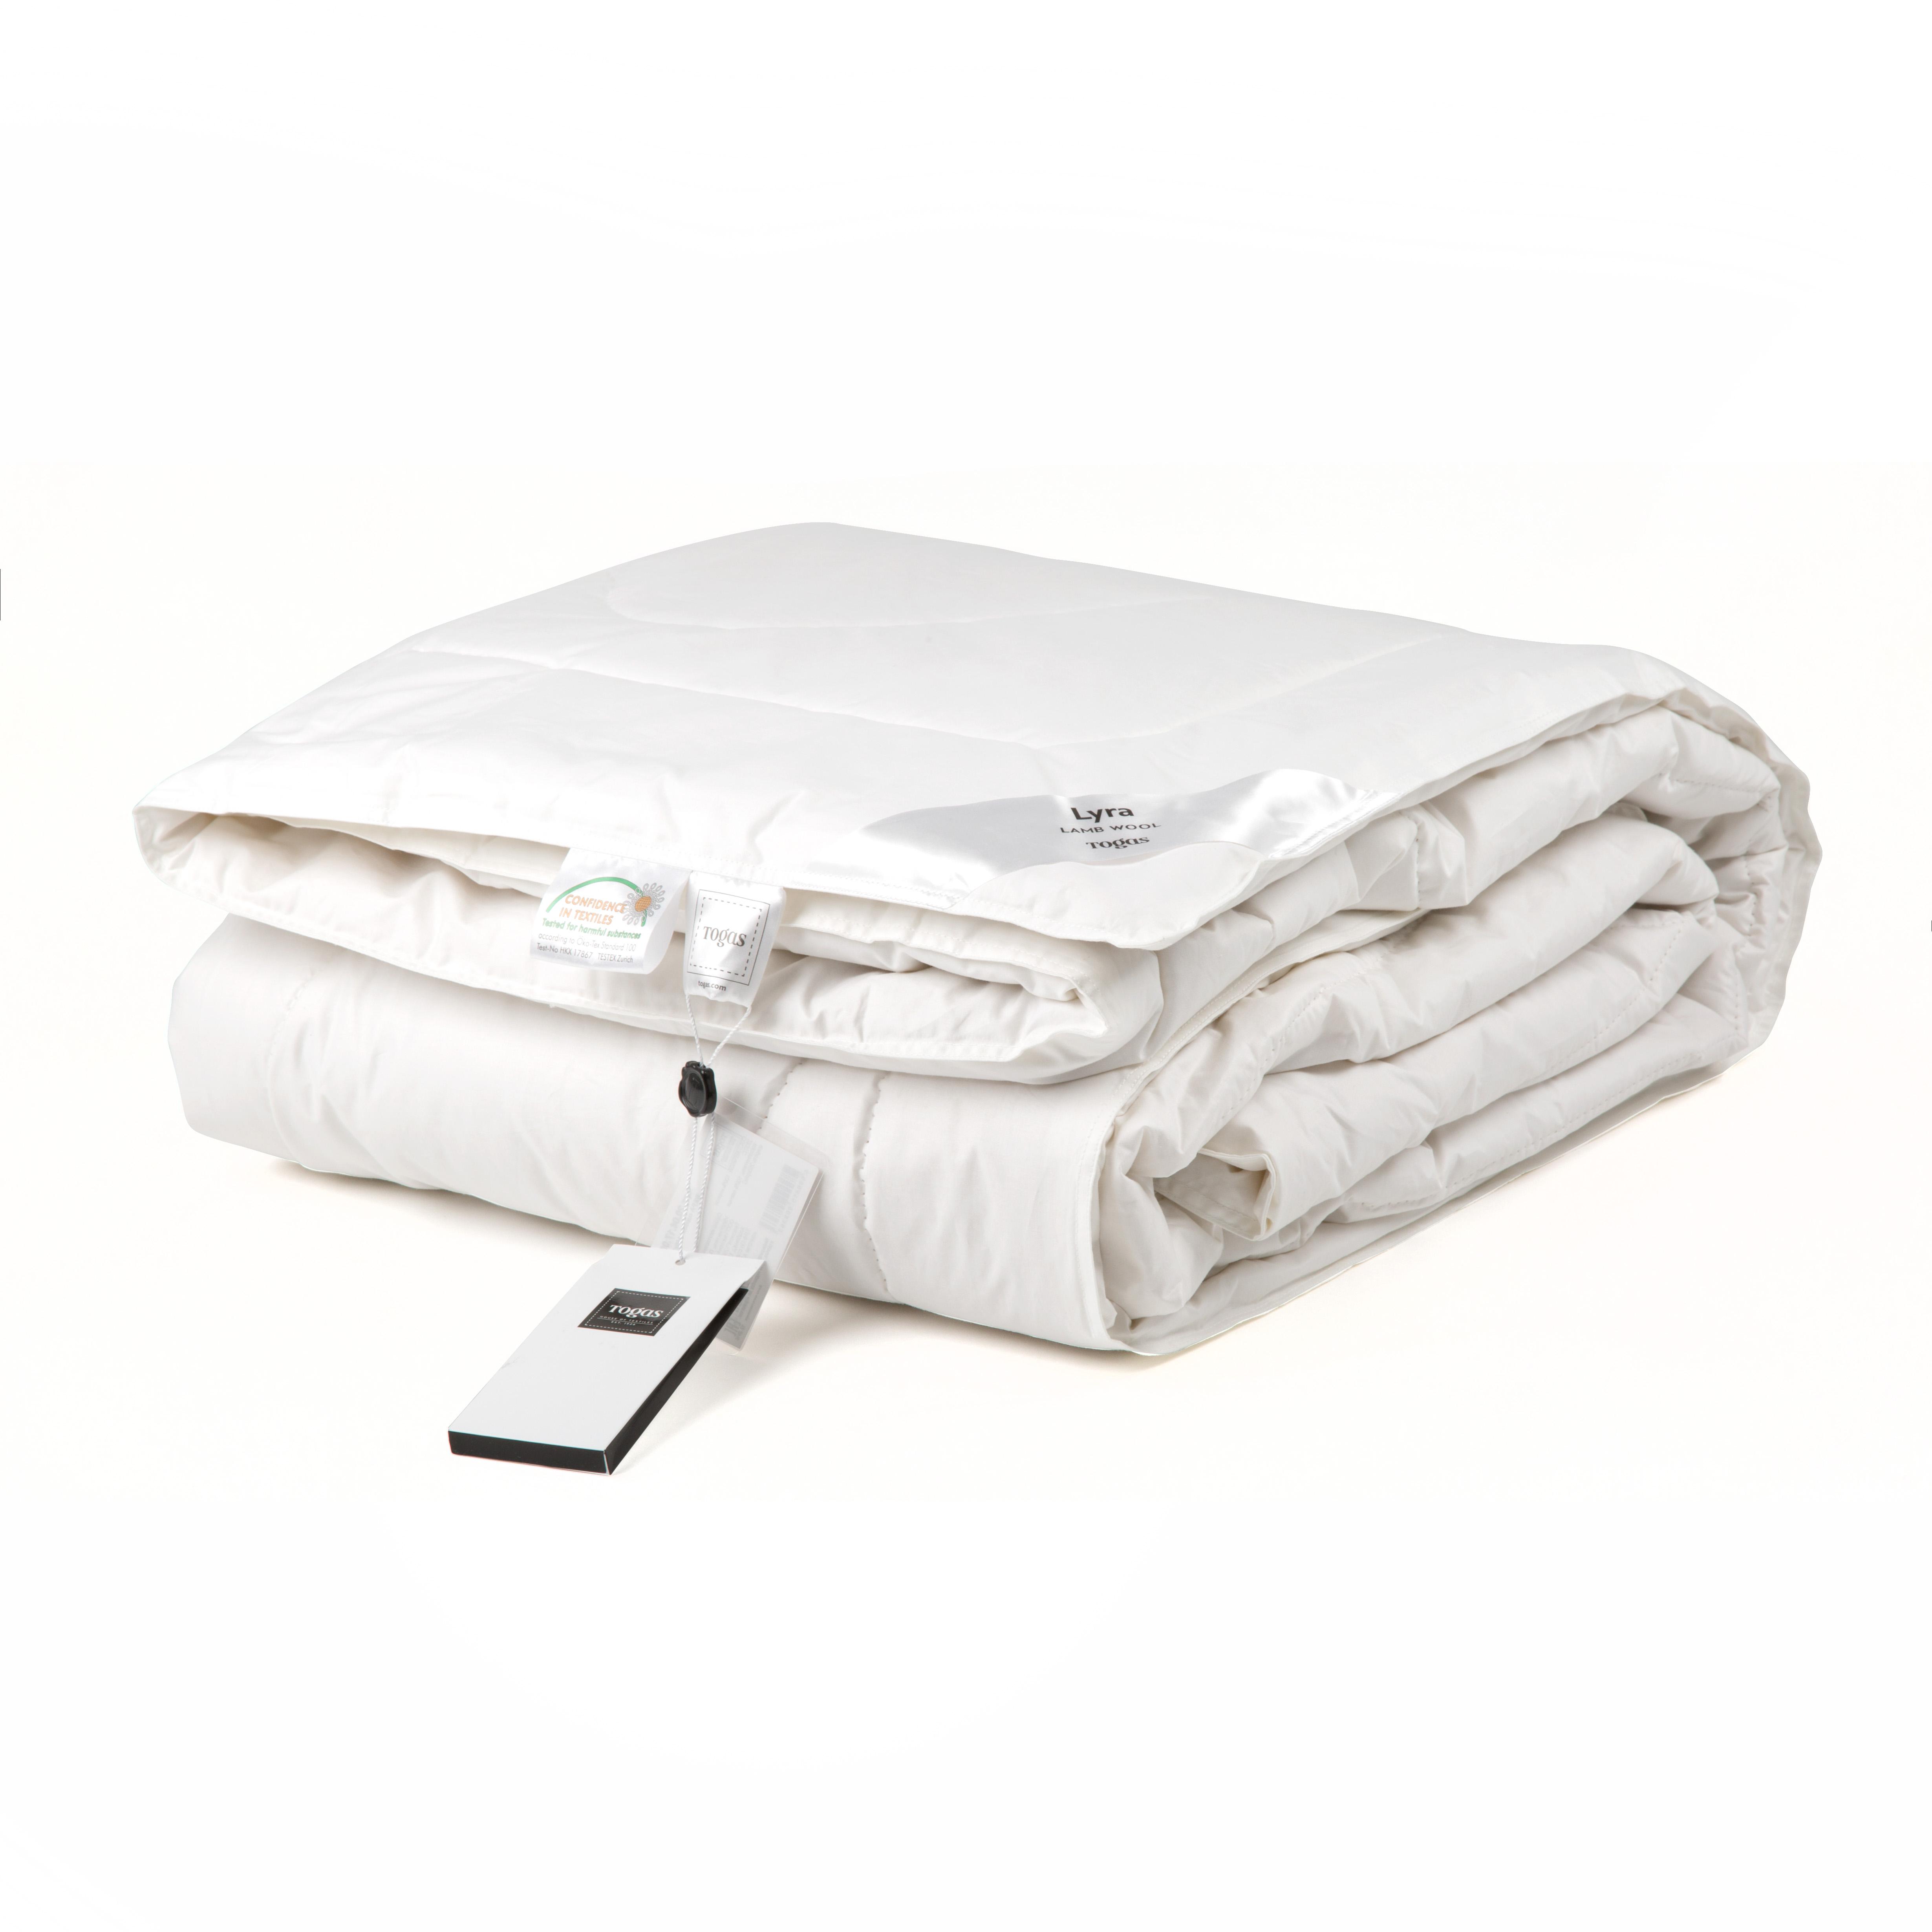 Одеяла Togas Одеяло Лира (140х200 см) одеяла togas одеяло гелиос 220х240 см